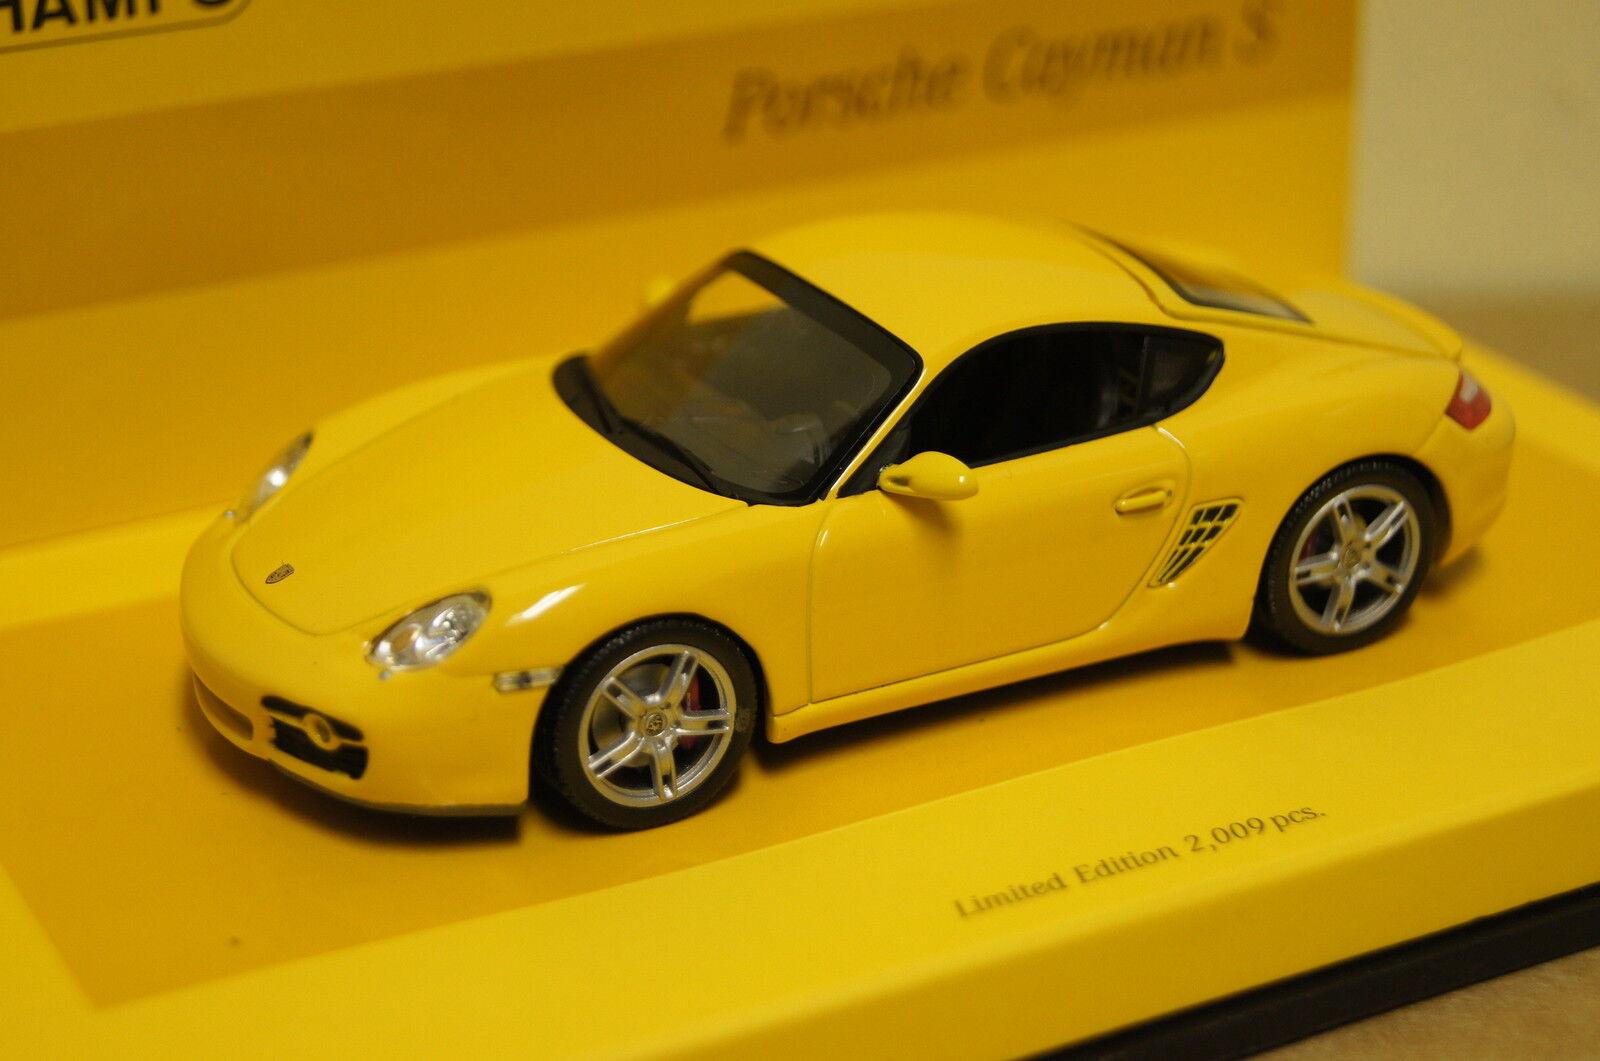 Porsche Cayman s (987) 2005 jaune 1 43 MINICHAMPS NEUF & OVP 436065620